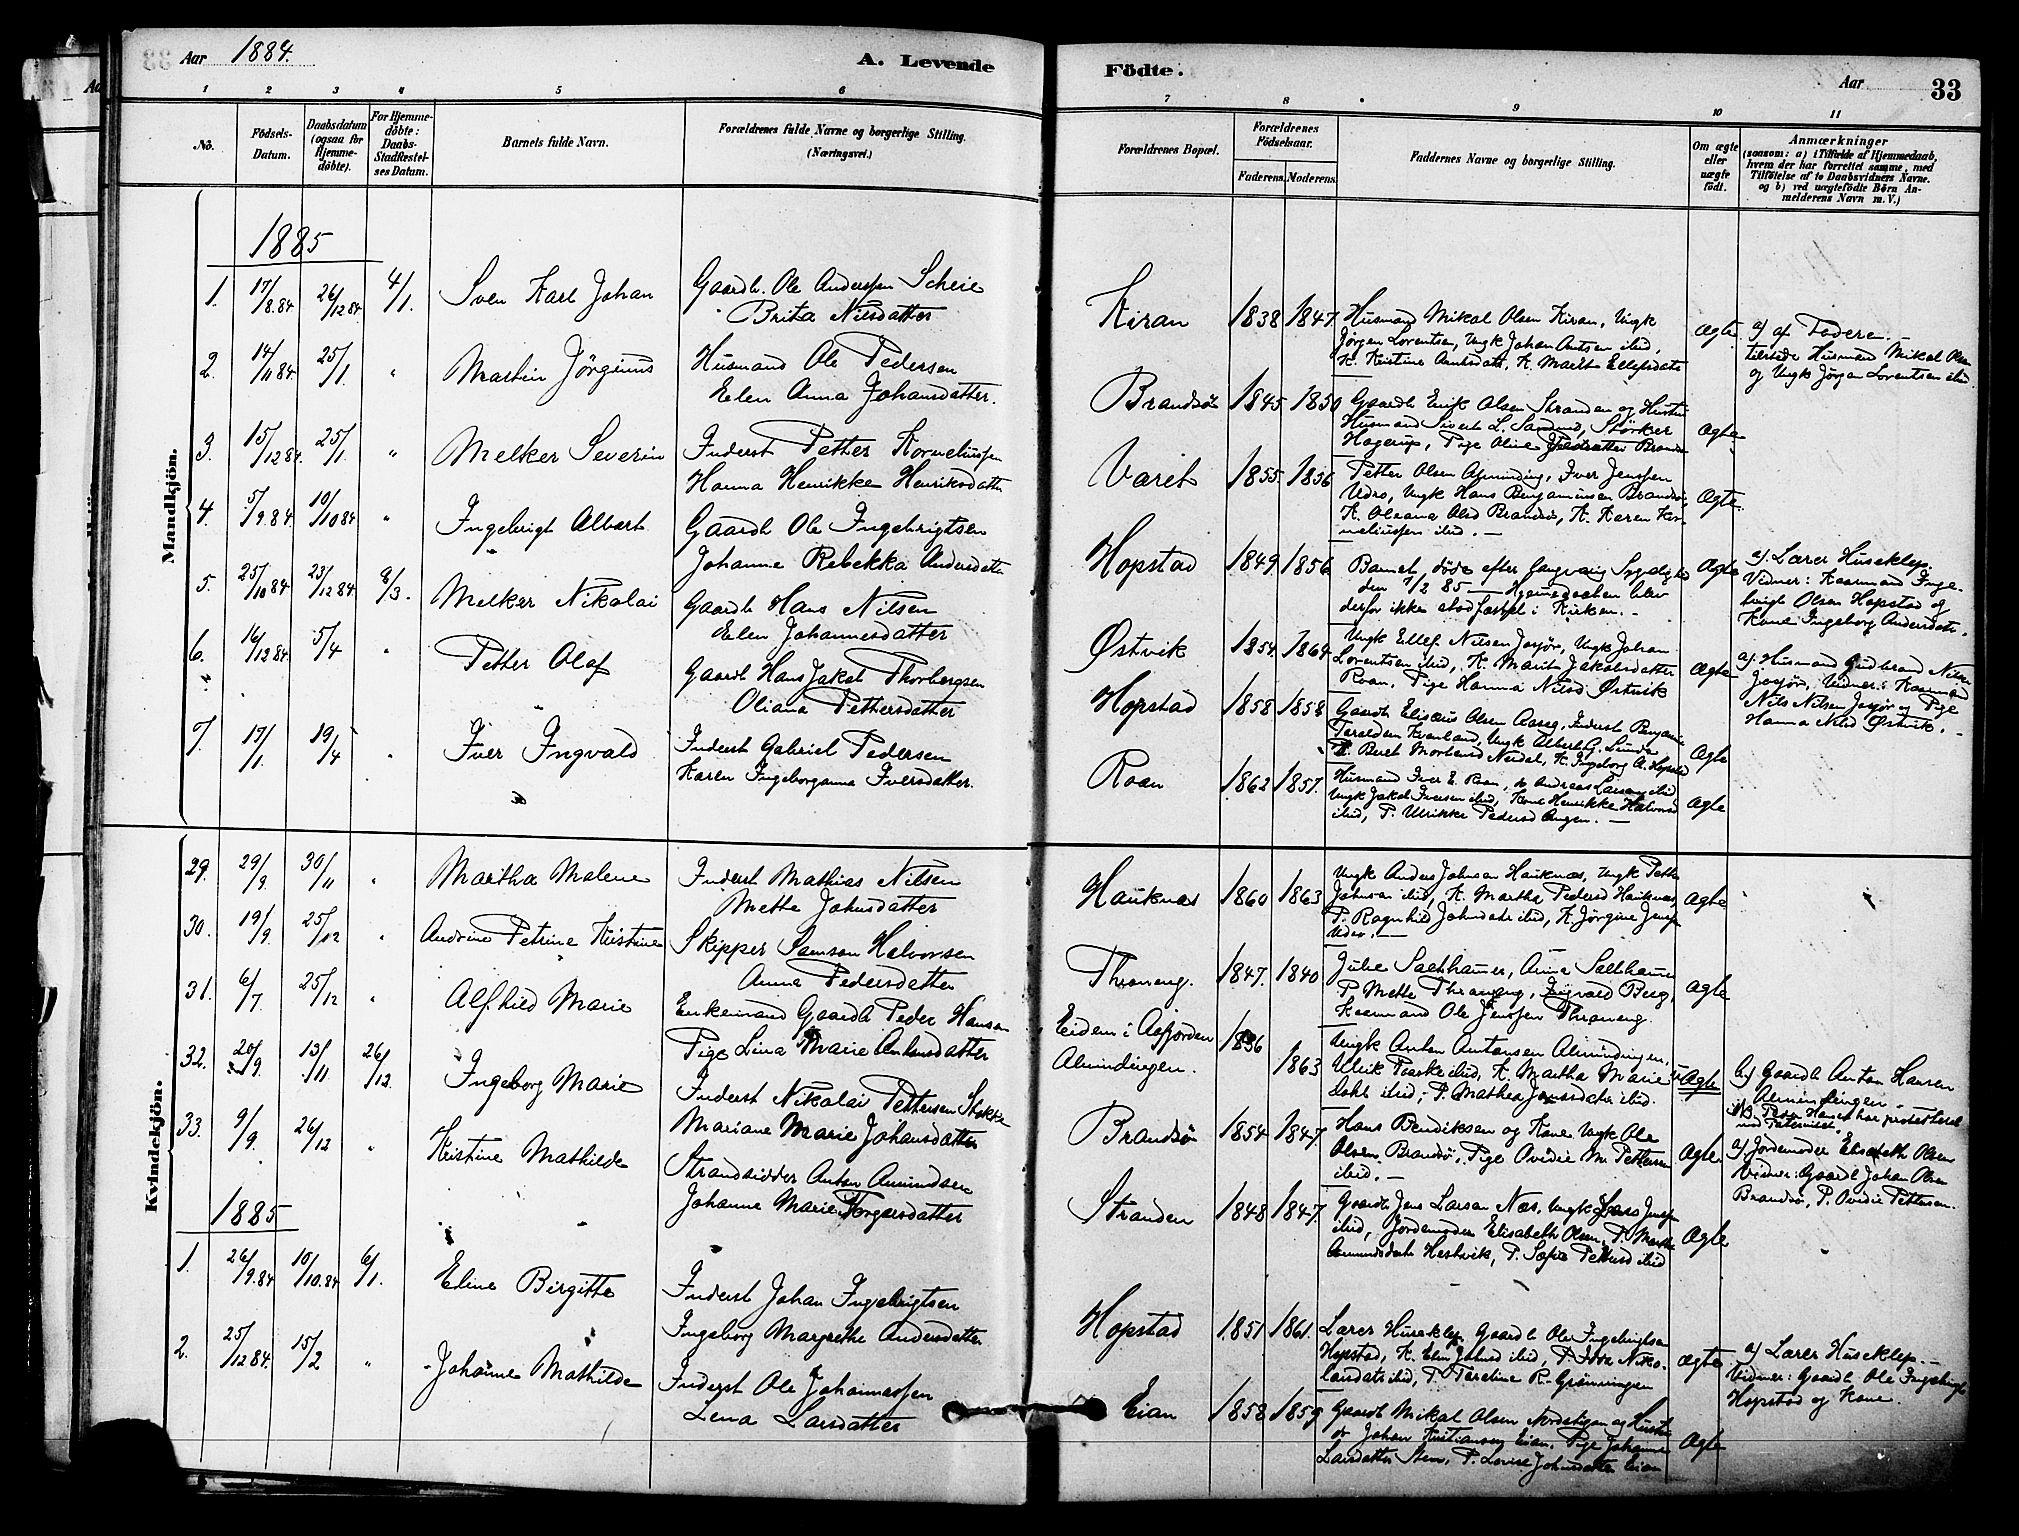 SAT, Ministerialprotokoller, klokkerbøker og fødselsregistre - Sør-Trøndelag, 657/L0707: Ministerialbok nr. 657A08, 1879-1893, s. 33